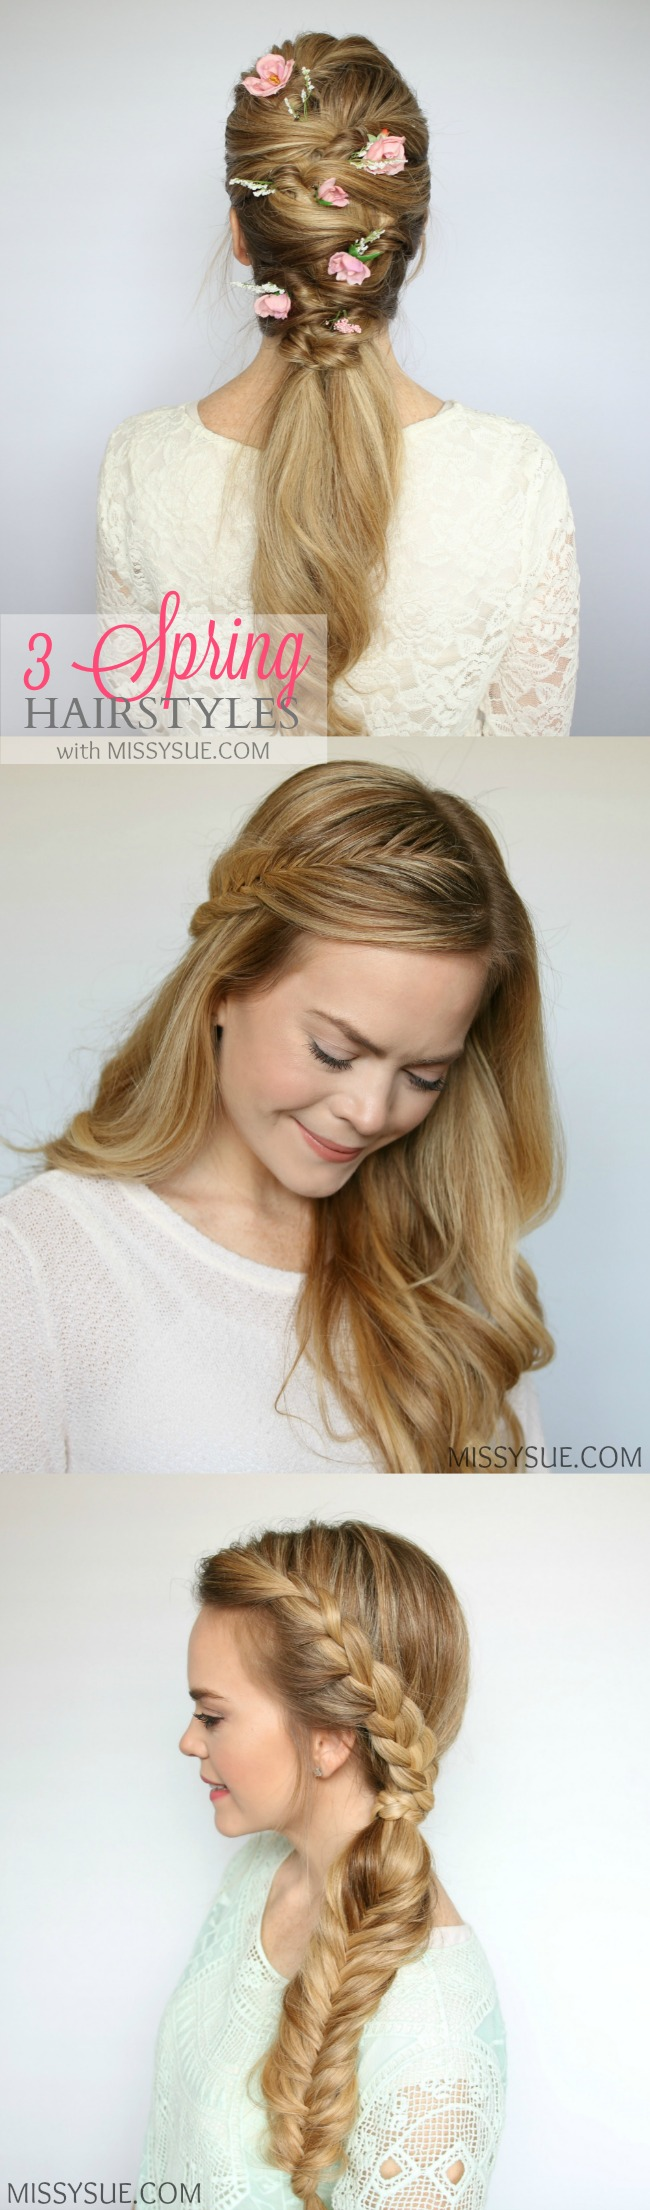 3-spring-hairstyles-tutorials-missysueblog